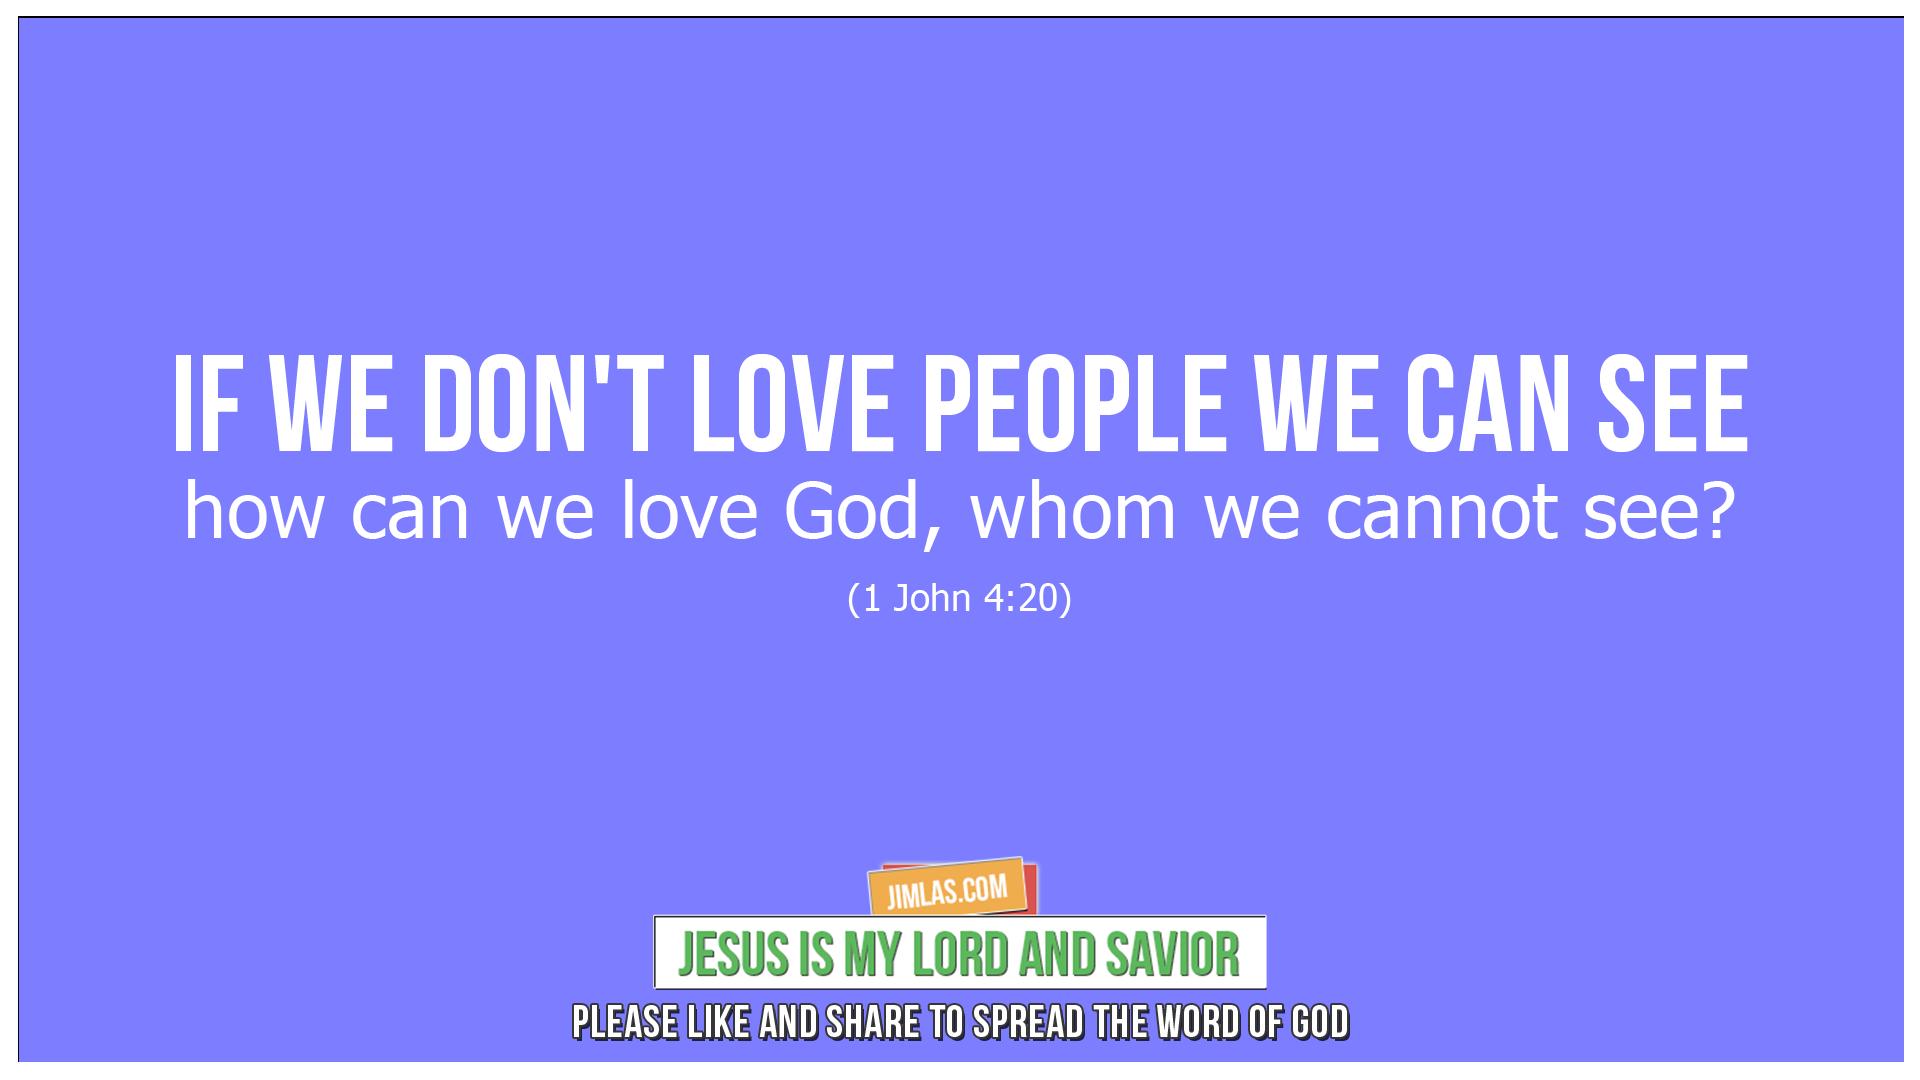 1 john 4 20, 1 John 4:20